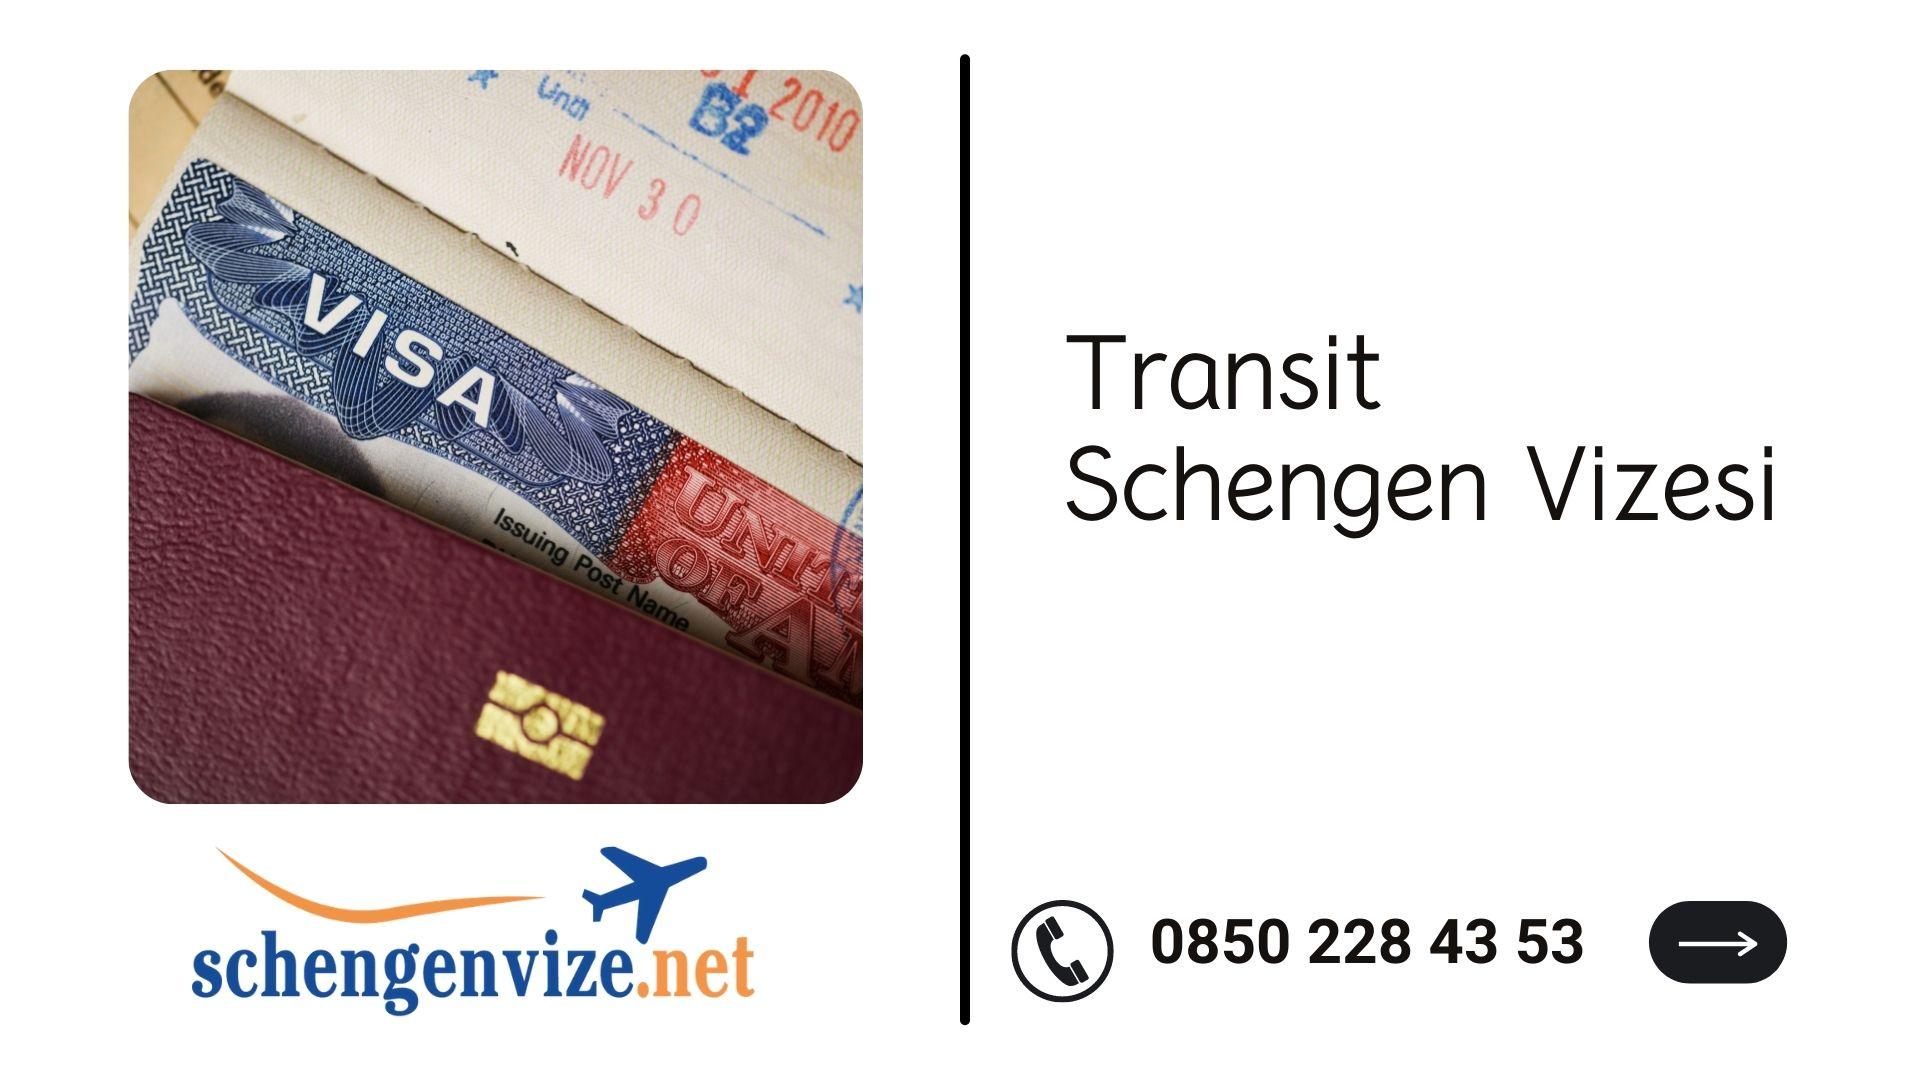 Transit Schengen Vizesi